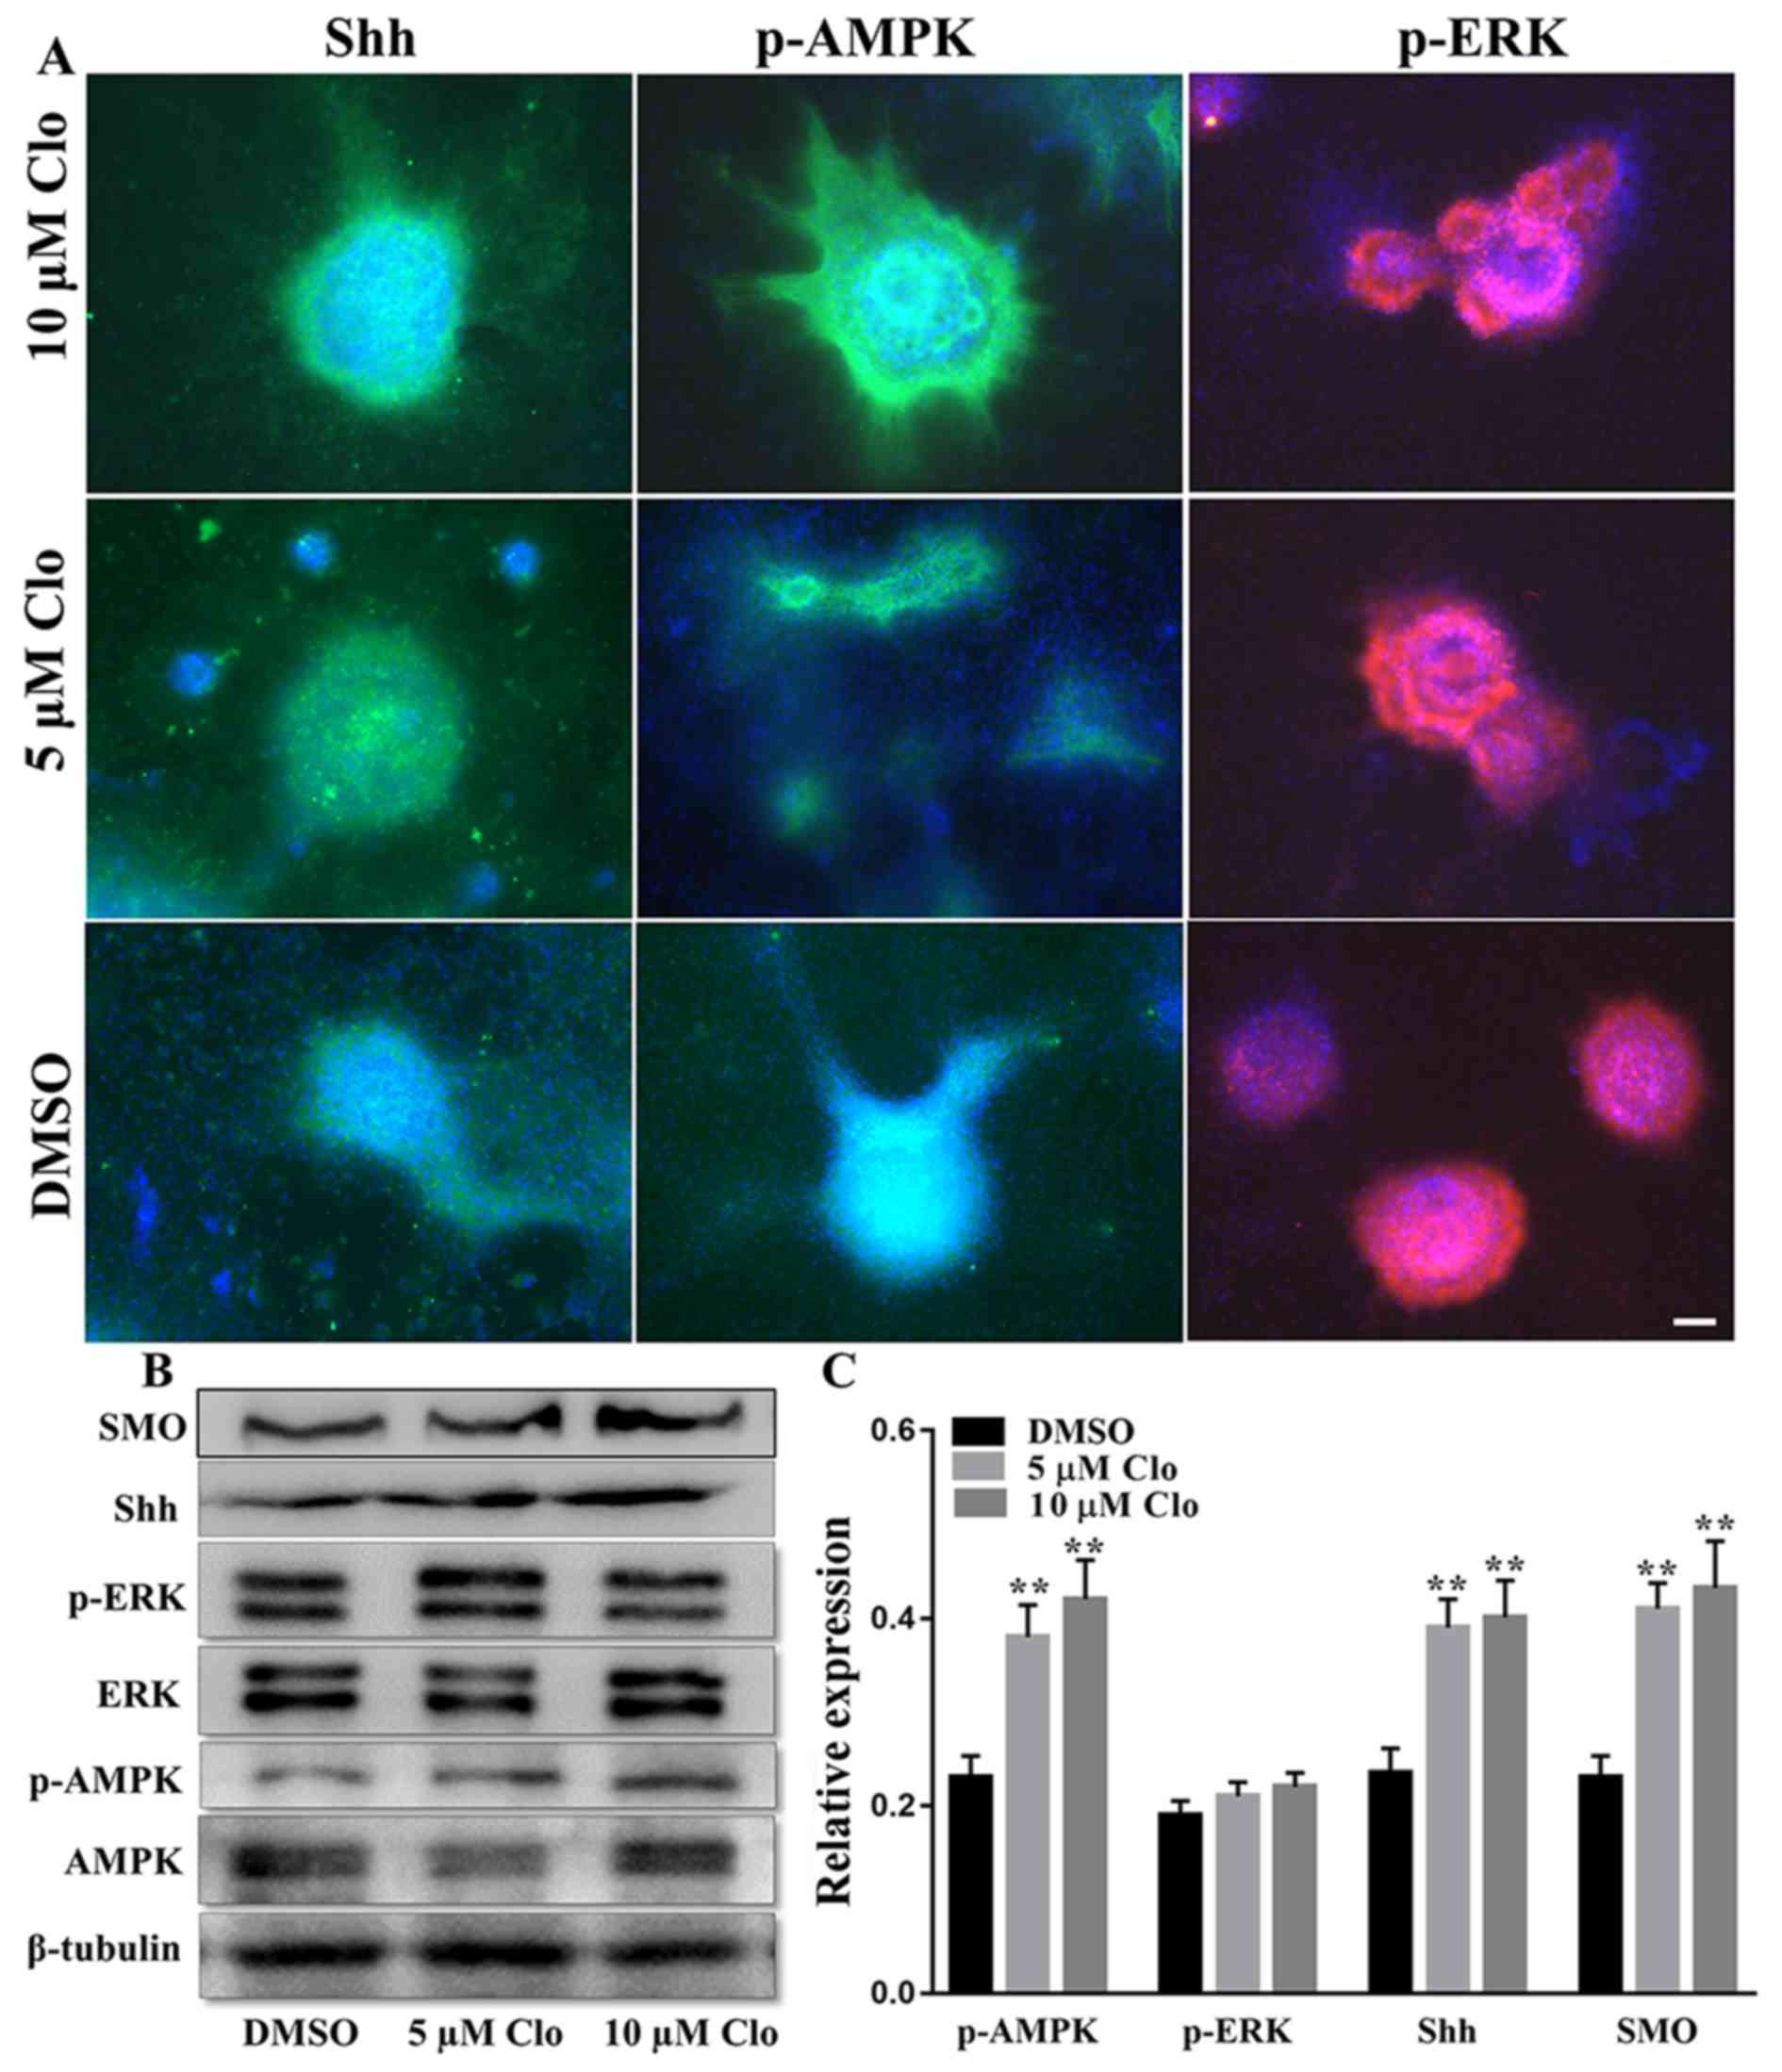 Clobetasol propionate enhances neural stem cell and oligodendrocyte